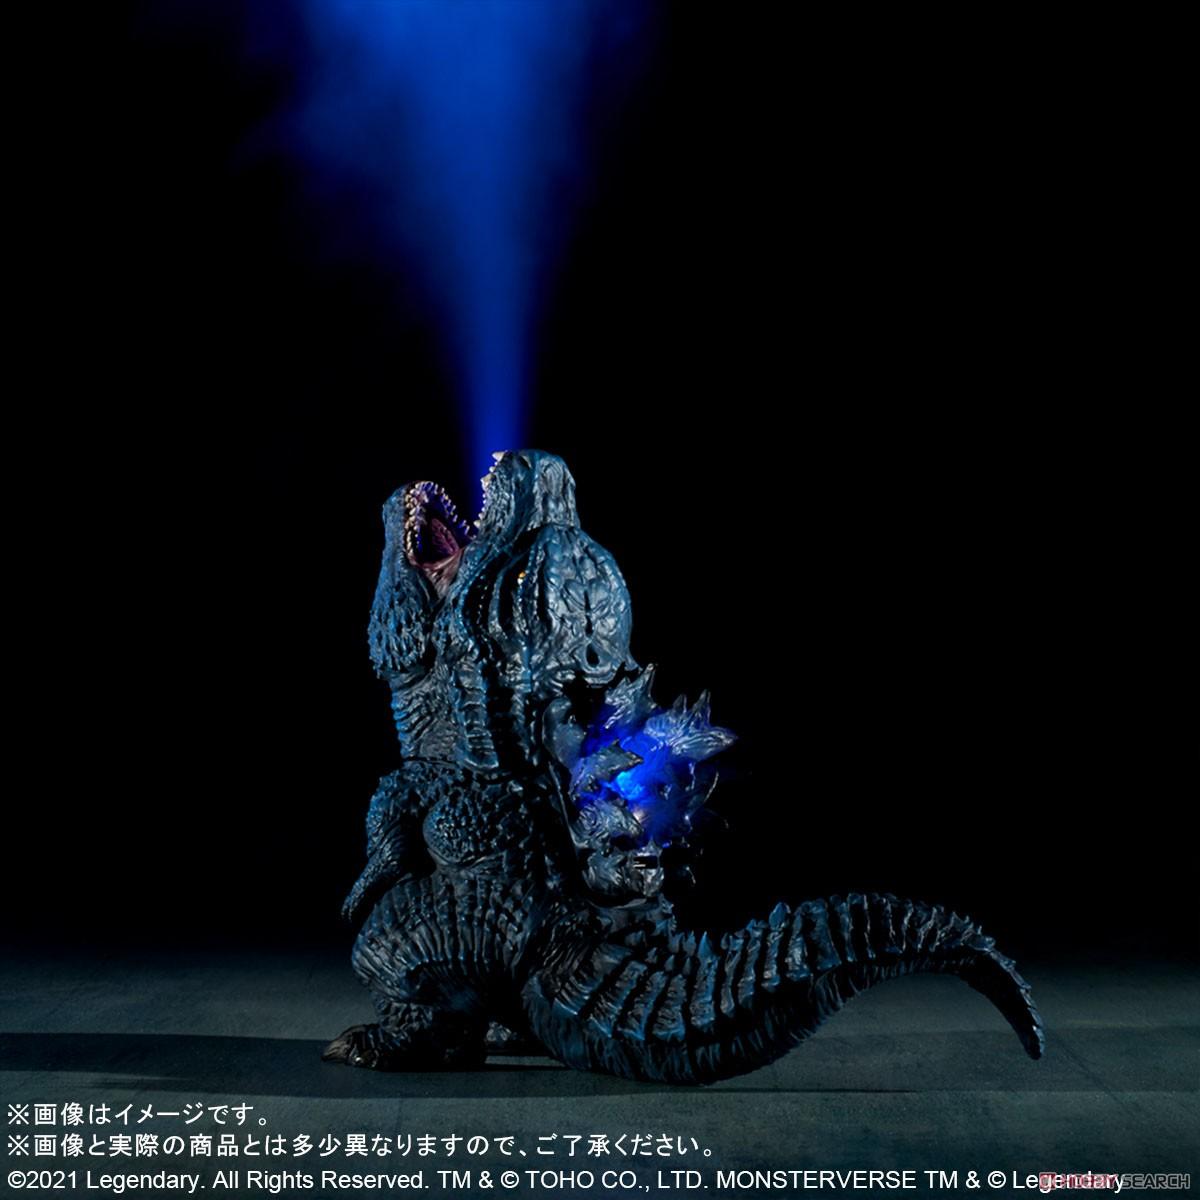 デフォリアル SFX『ゴジラ(2019)』キング・オブ・モンスターズ 完成品フィギュア-008